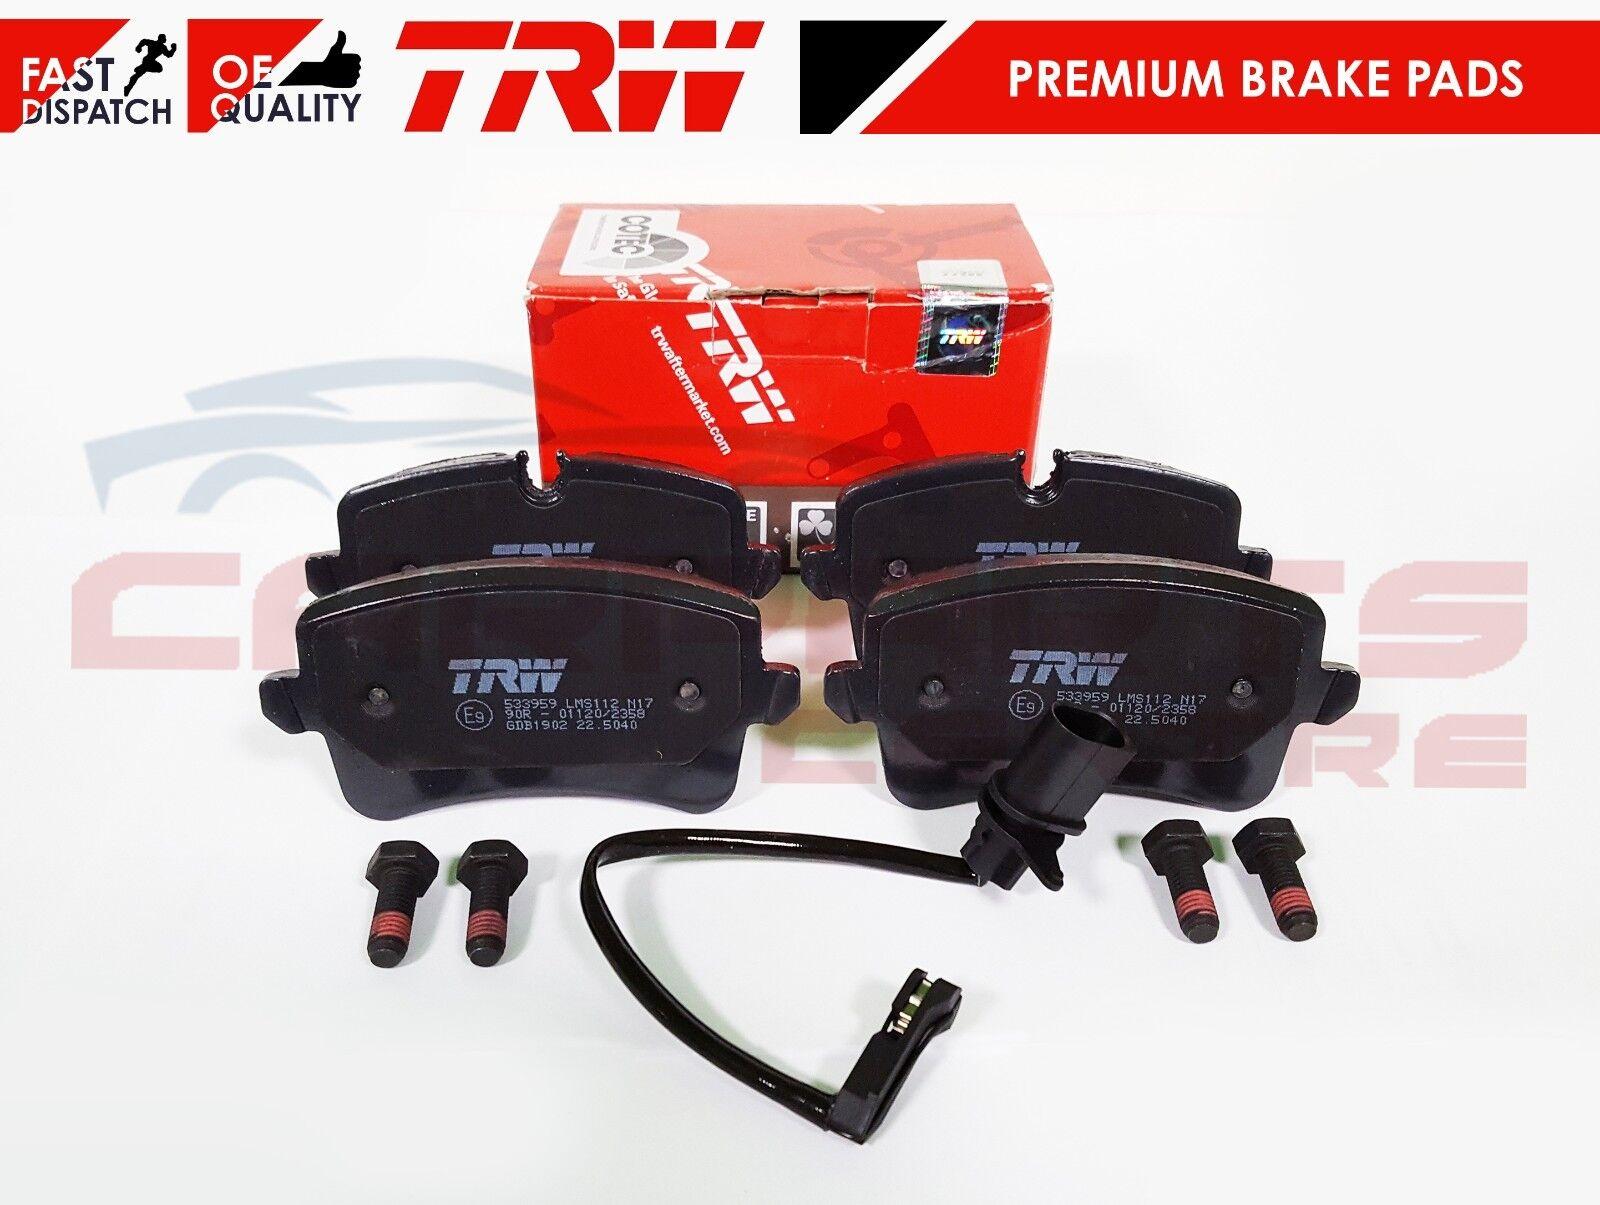 Pour Audi RS4 B7 B8 RS5 R8 4.2 5.2 FSI Avant Borg /& Beck plaquettes de frein Set X8 nouveau